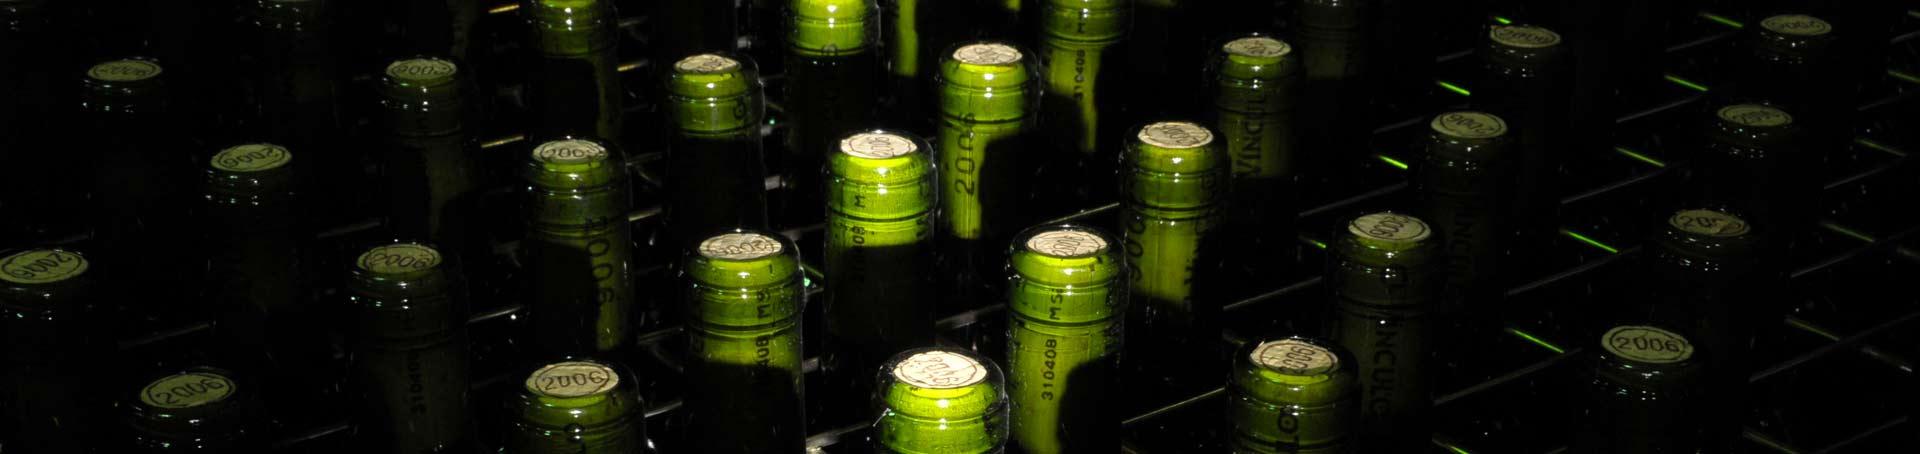 Botellas para el envejecimiento del vino